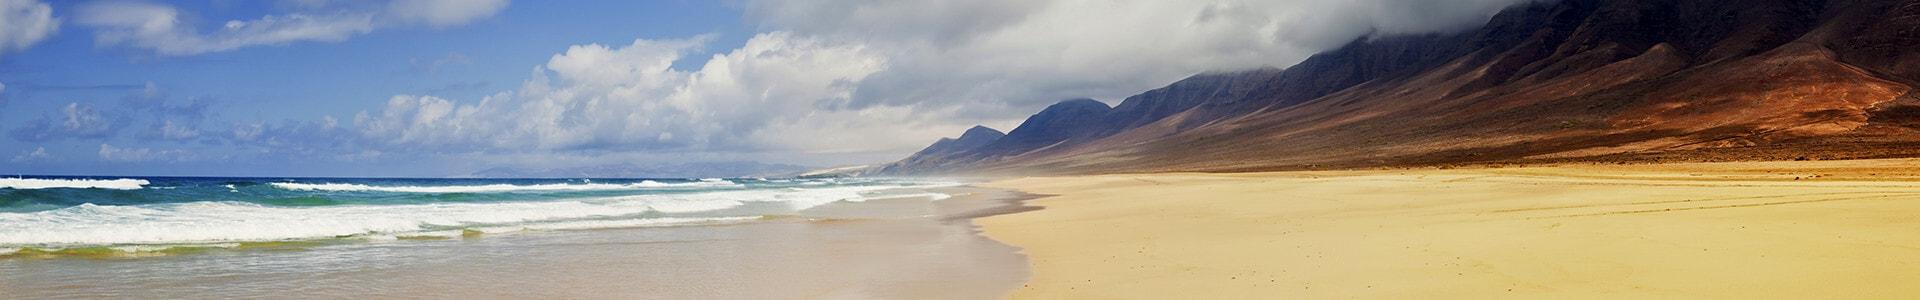 Voyage Canaries - TUI